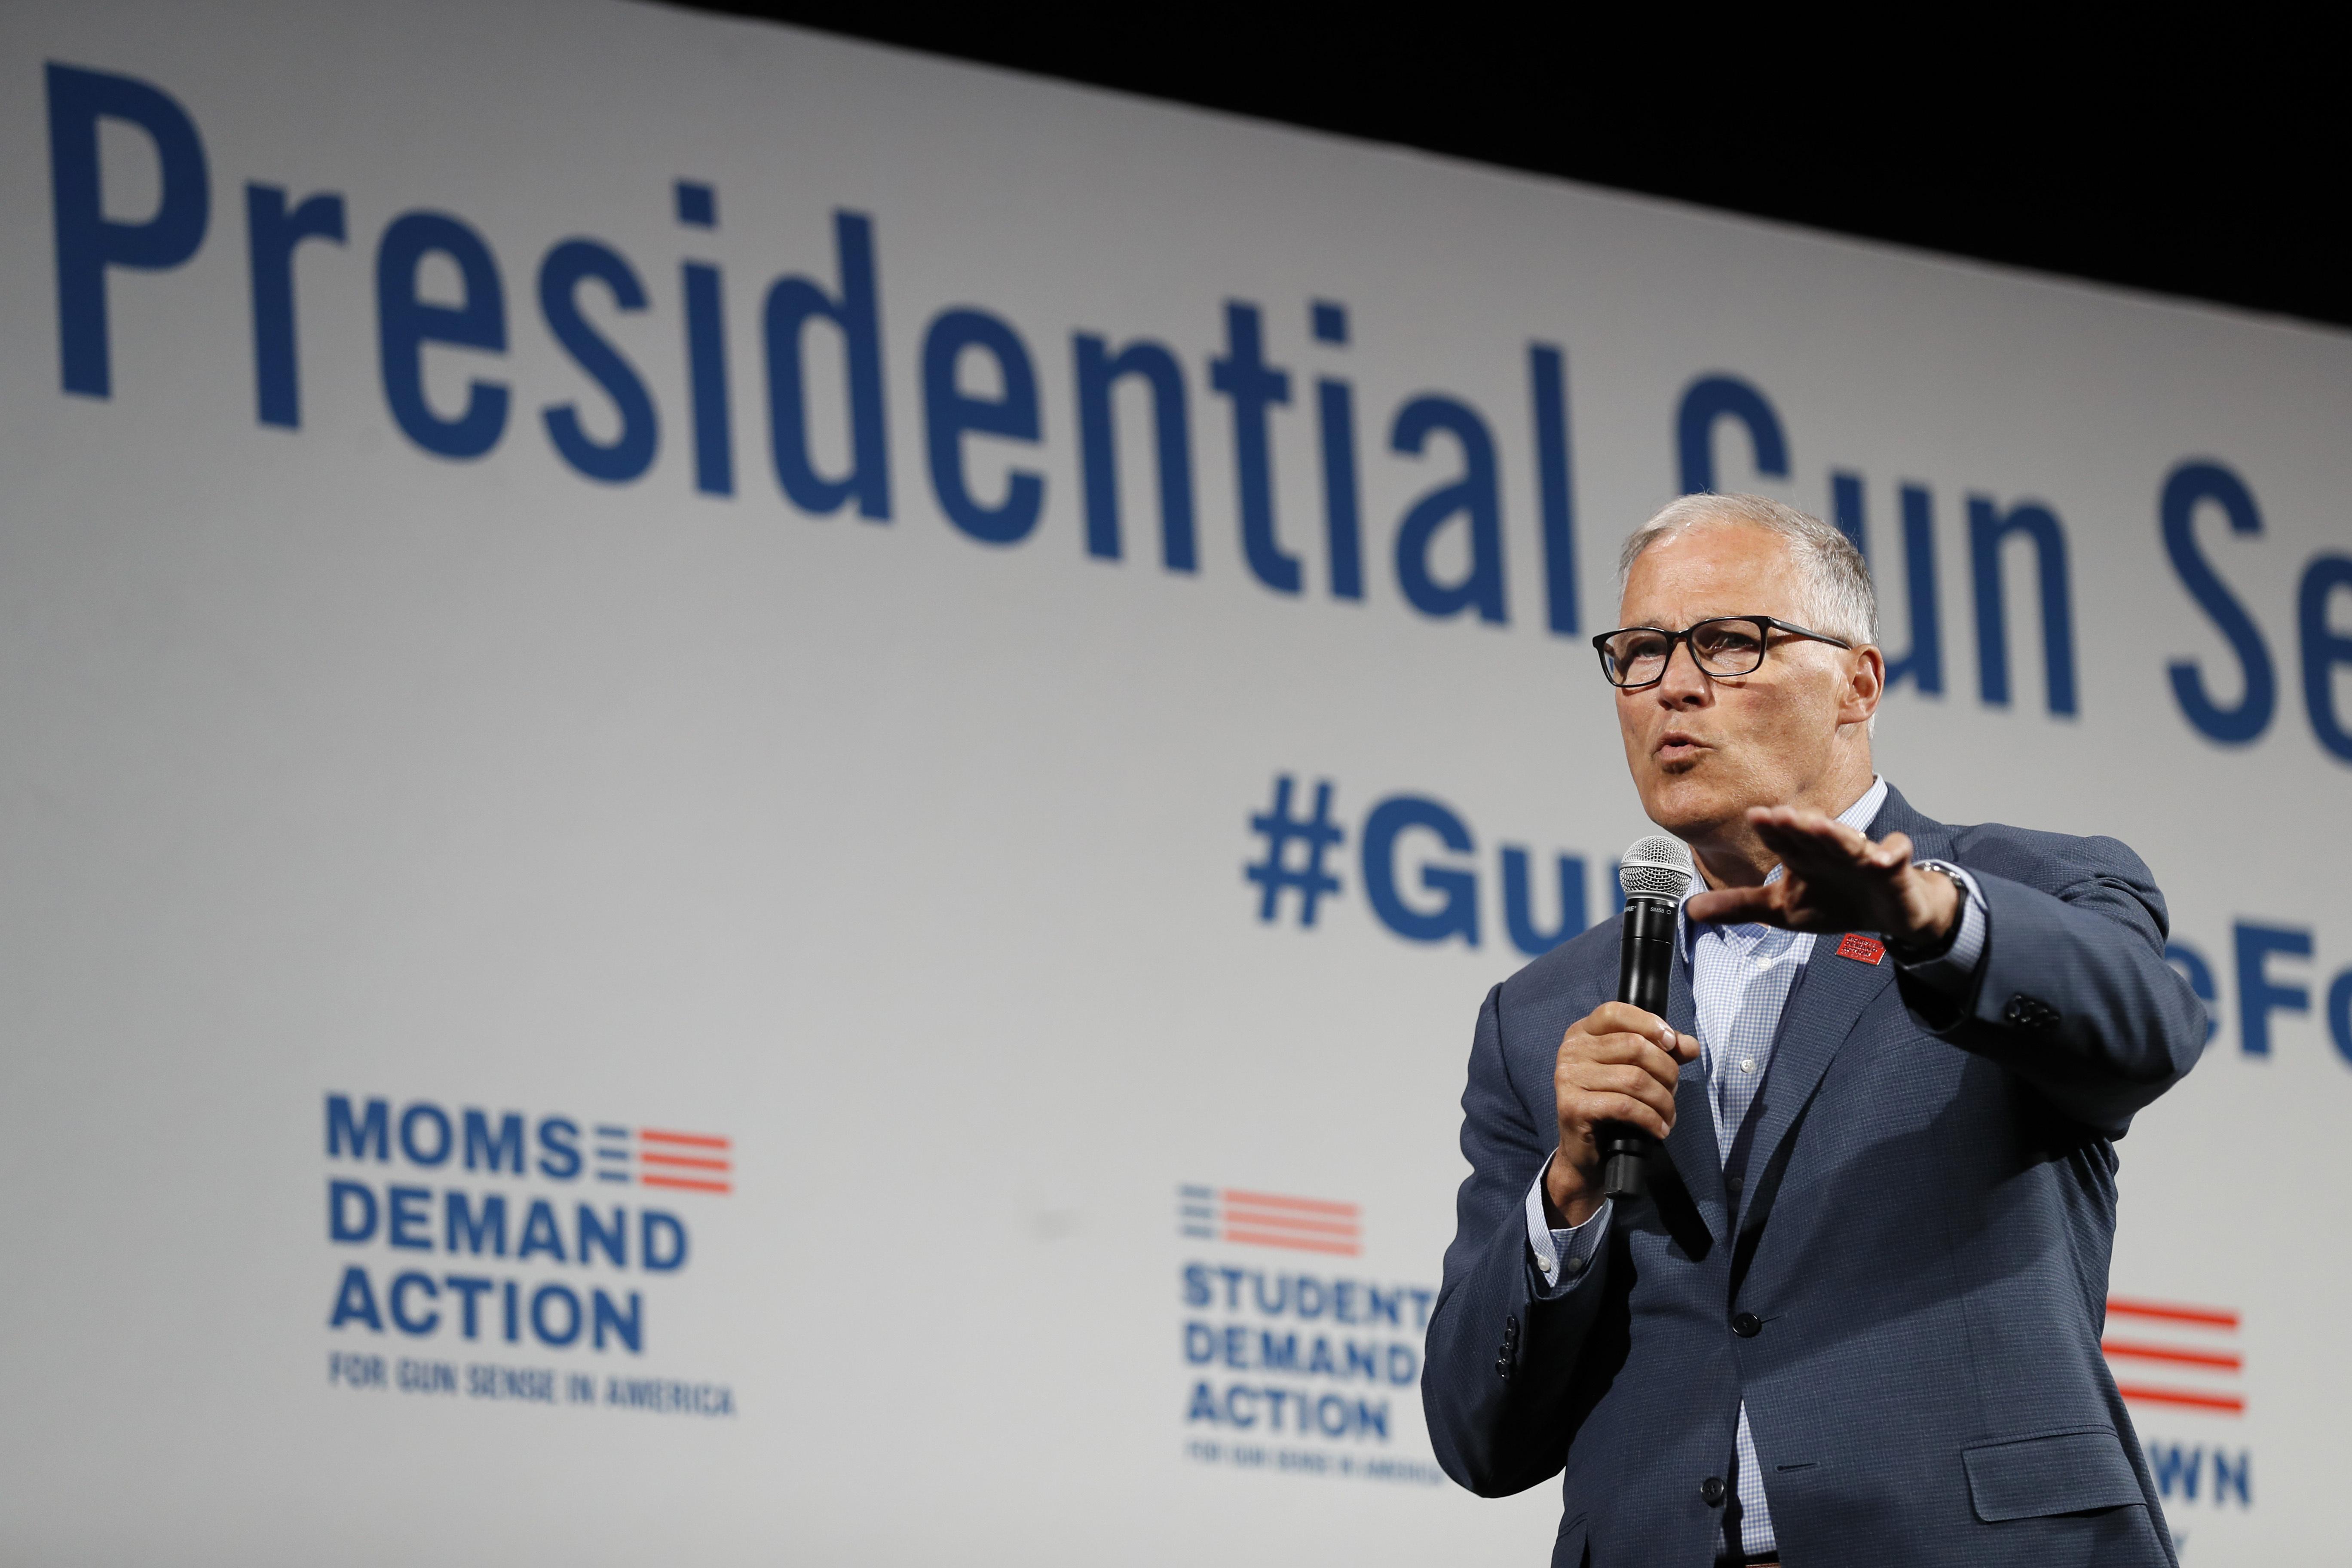 Jay Inslee ends 2020 Democratic presidential bid